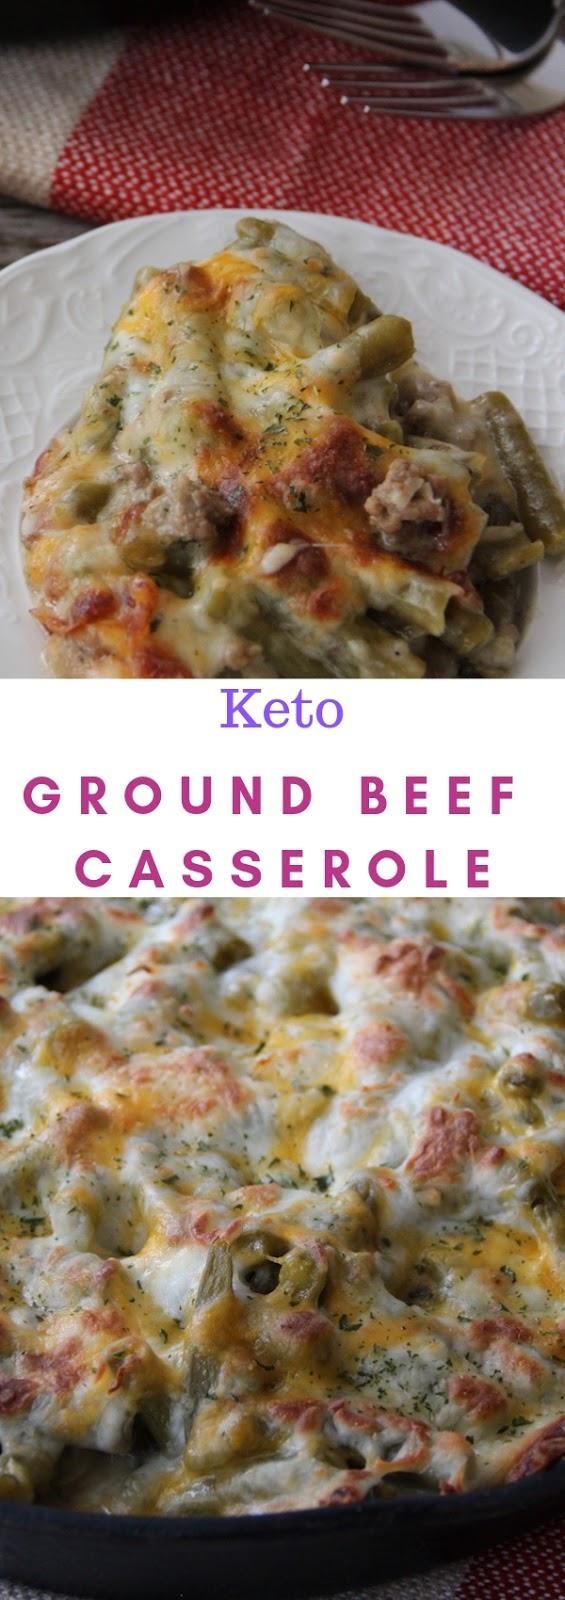 Keto Ground Beef Casserole #dinner #lunch #keto #ground #beef #casserole